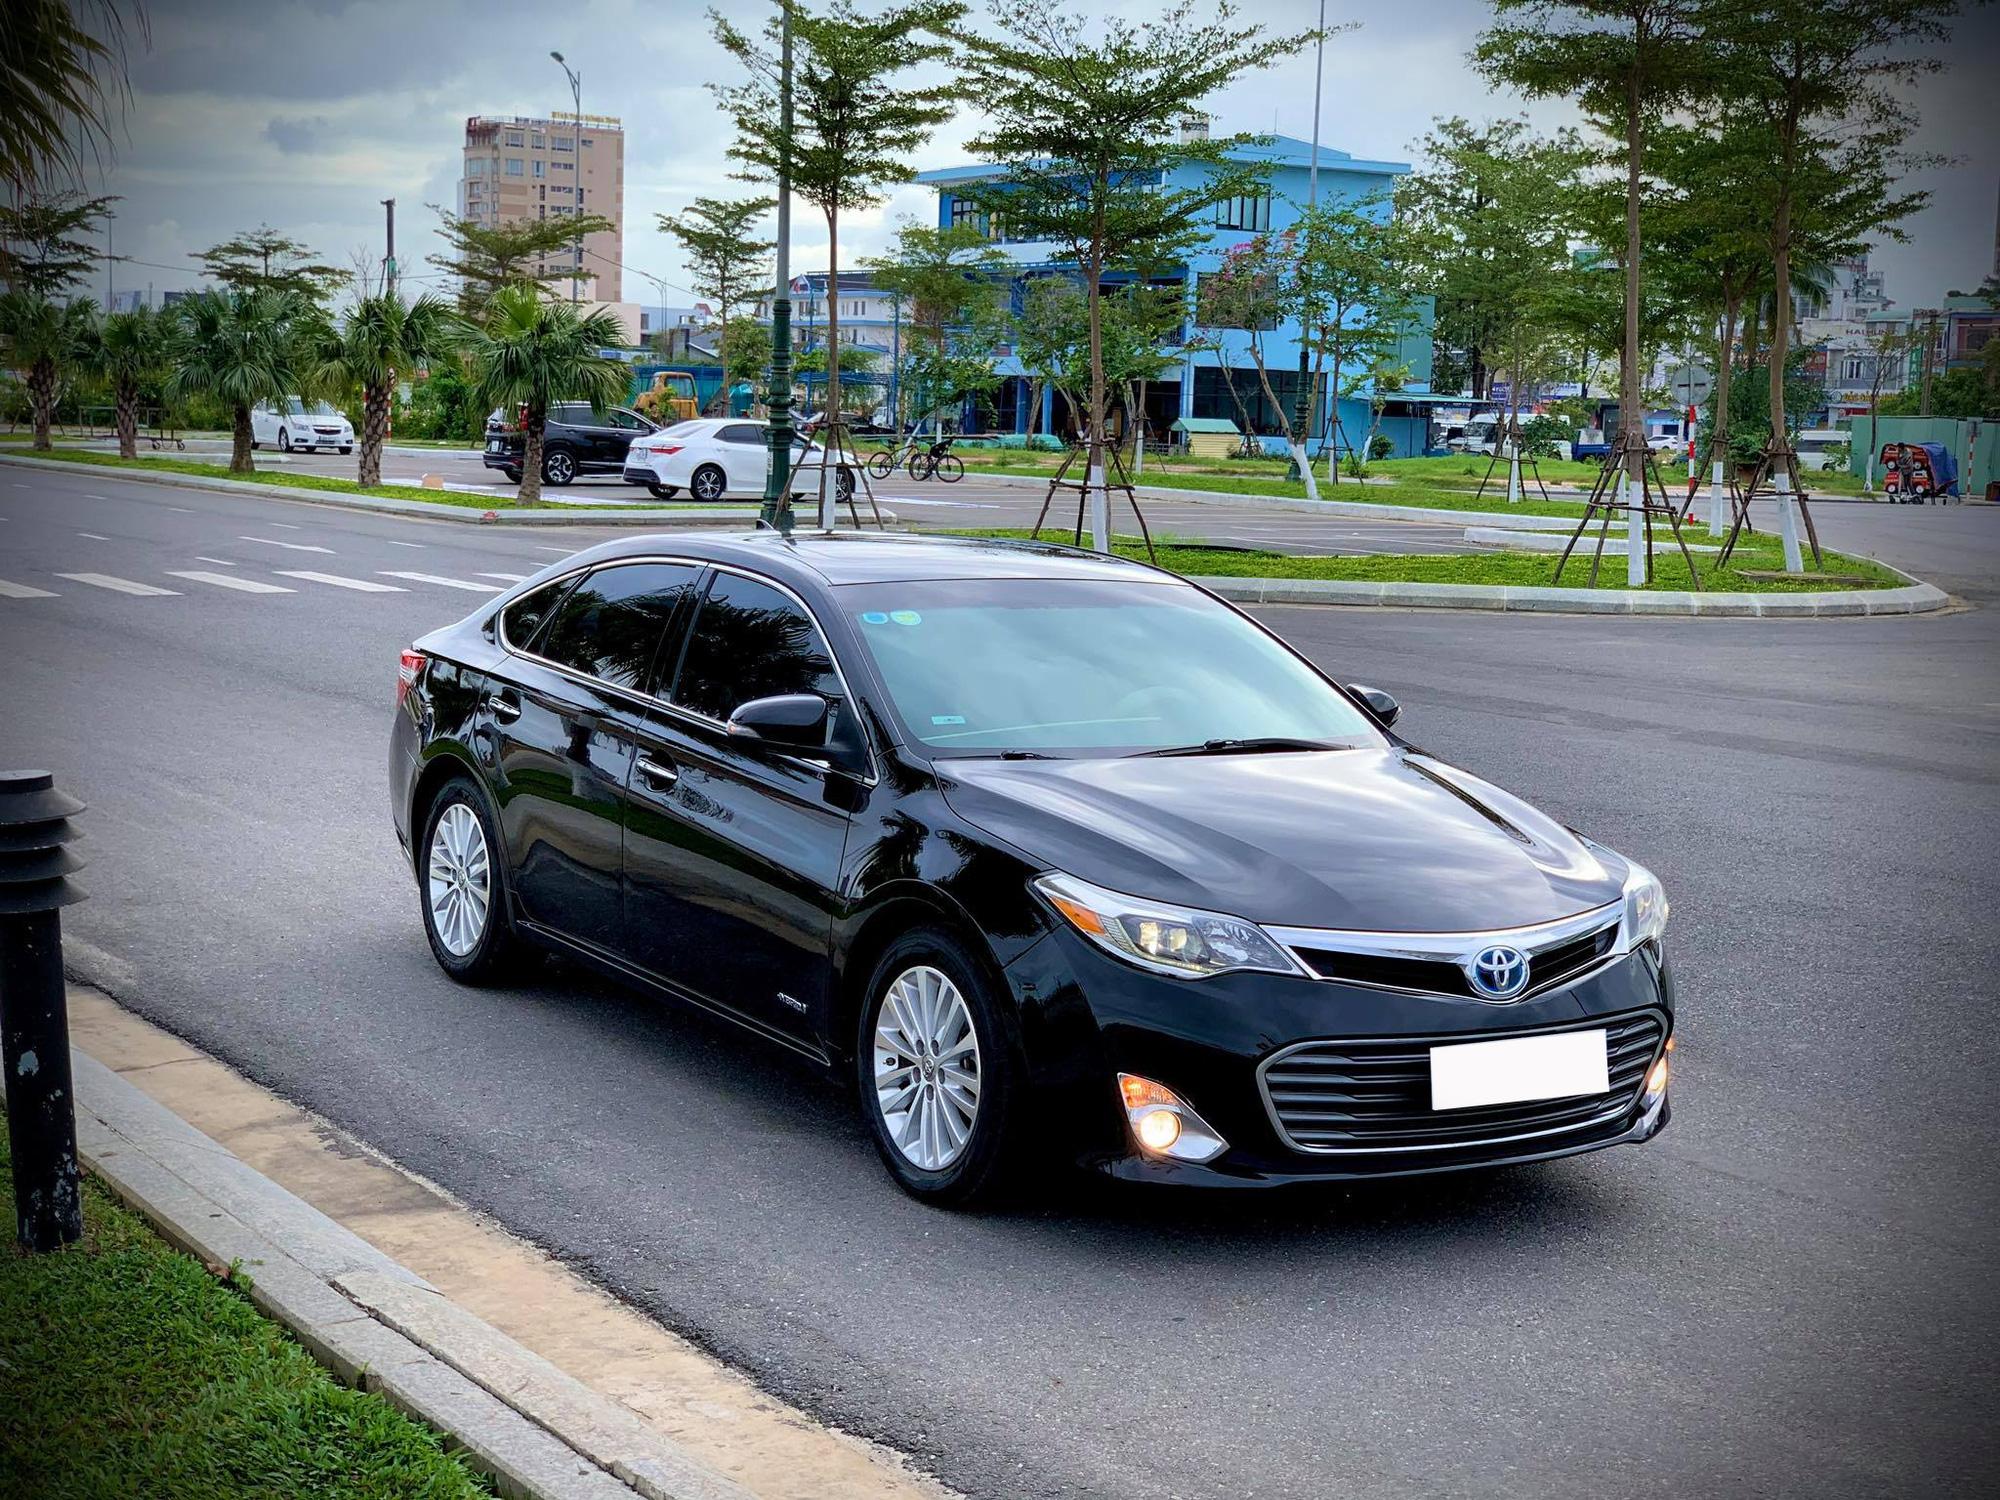 Chạy 12.000km/năm, xe đại gia một thời Toyota Avalon hạ giá rẻ ngang Camry 2021 - Ảnh 1.